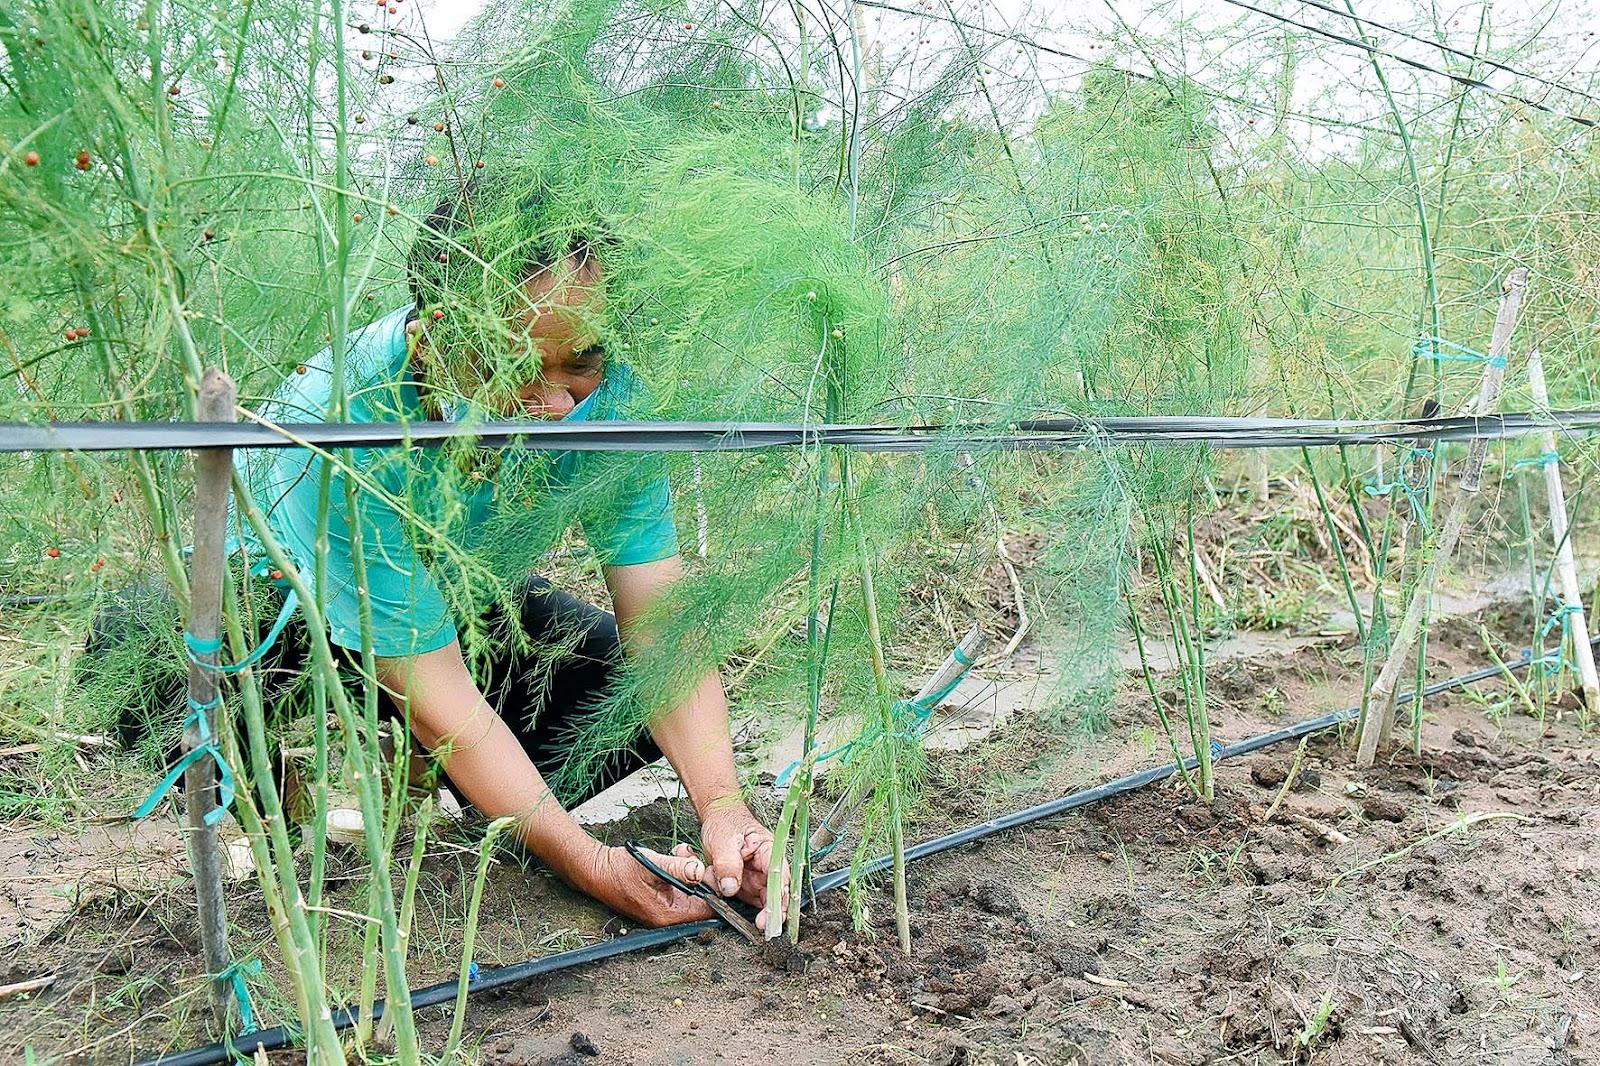 3.Ông Trần Văn Hay (thôn Tân Phong, xã Tân An) chia sẻ: Cuối năm 2020, ông tham gia mô hình, trồng thử nghiệm ½ sào măng tây, đến nay đã cho thu hoạch. Dù giá thu mua thấp hơn do ảnh hưởng của dịch Covid-19 nhưng cây măng tây vẫn cho thu nhập cao hơn các loại rau khác.